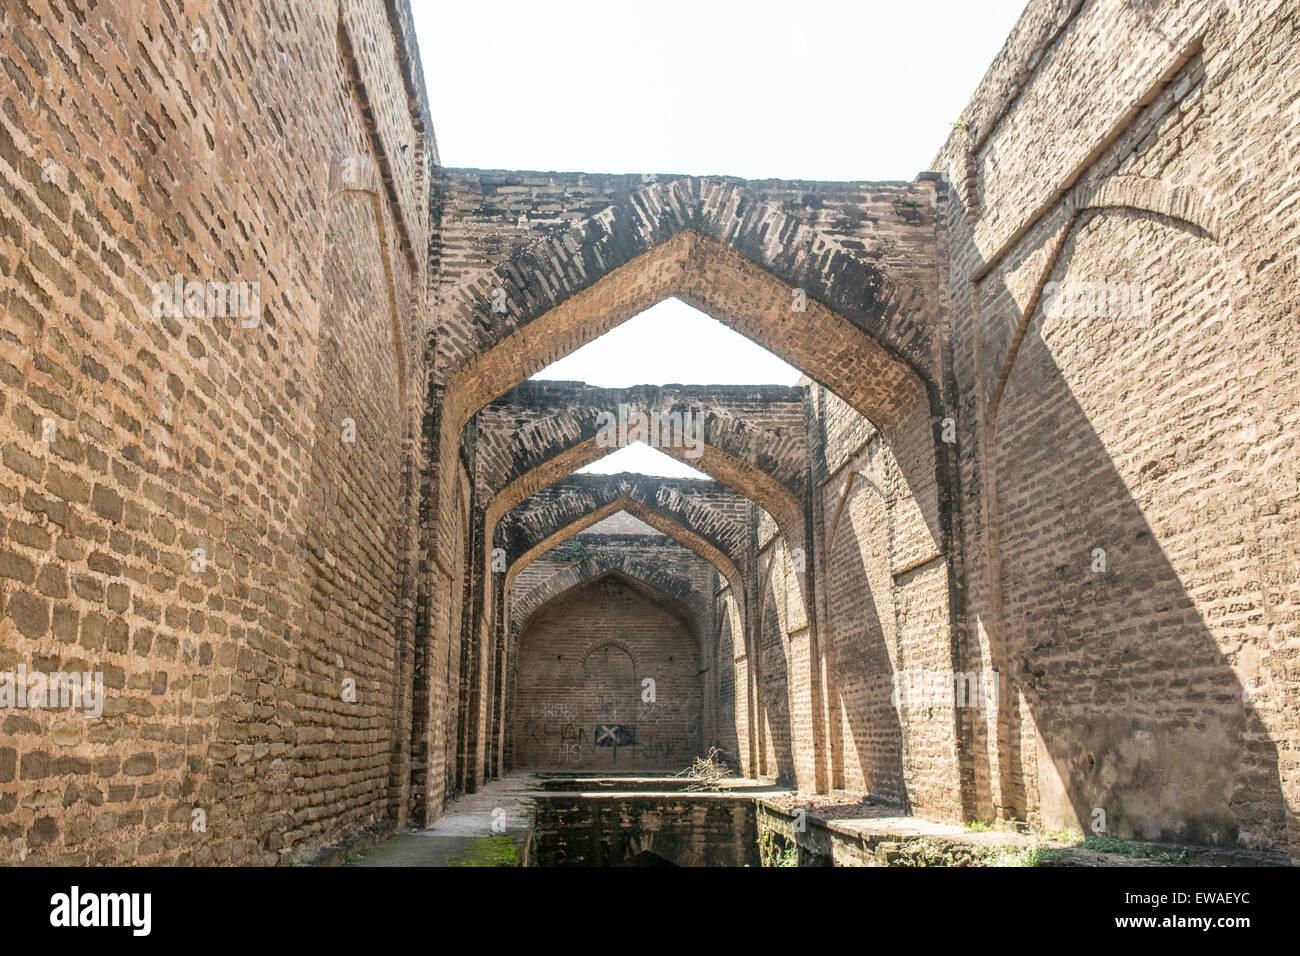 Ancient Punjab Stock Photos & Ancient Punjab Stock Images